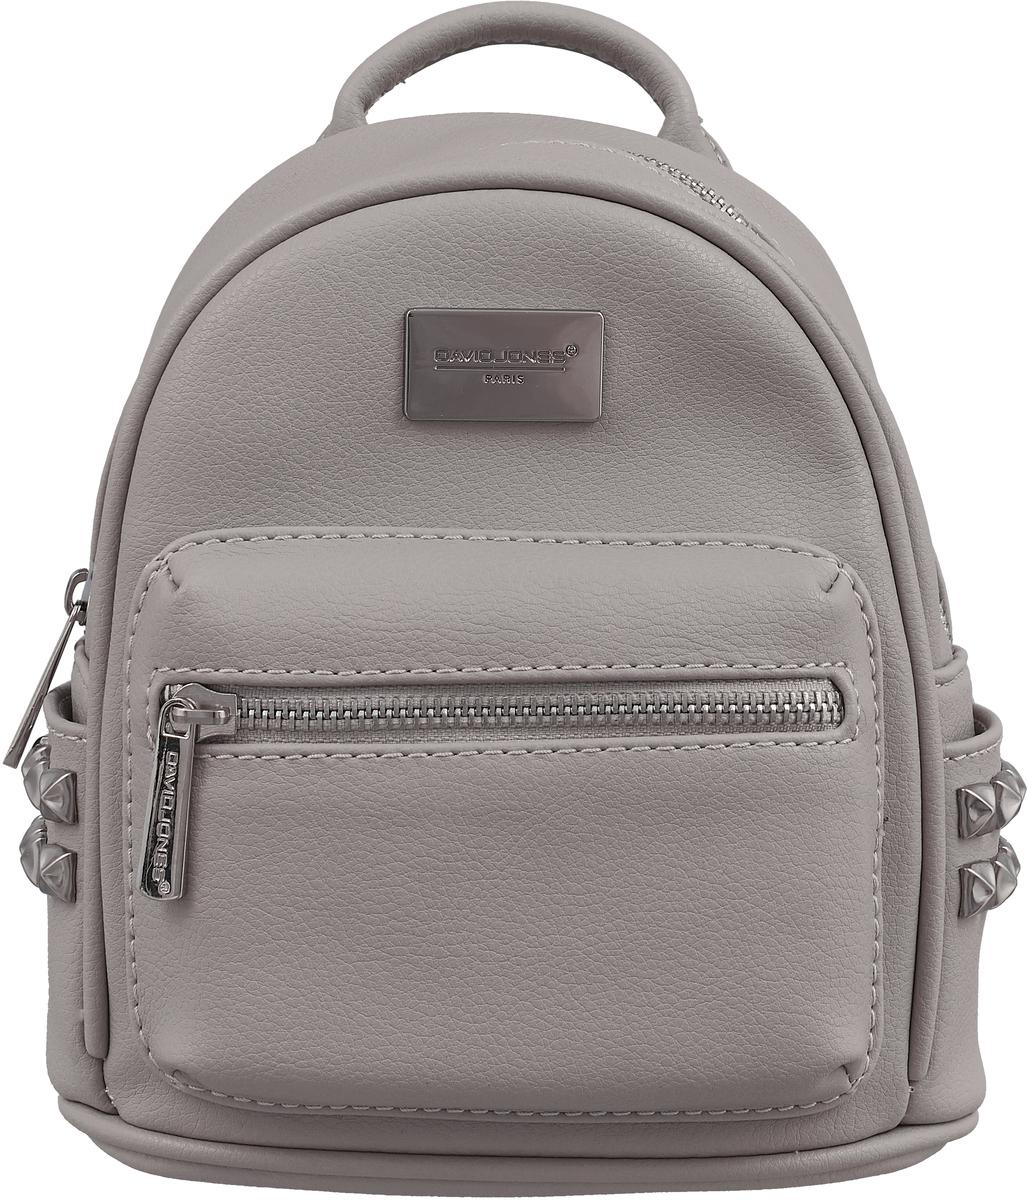 Рюкзак женский David Jones, цвет: серый. CM3657A/L.GREY х рюкзак jackamp jones